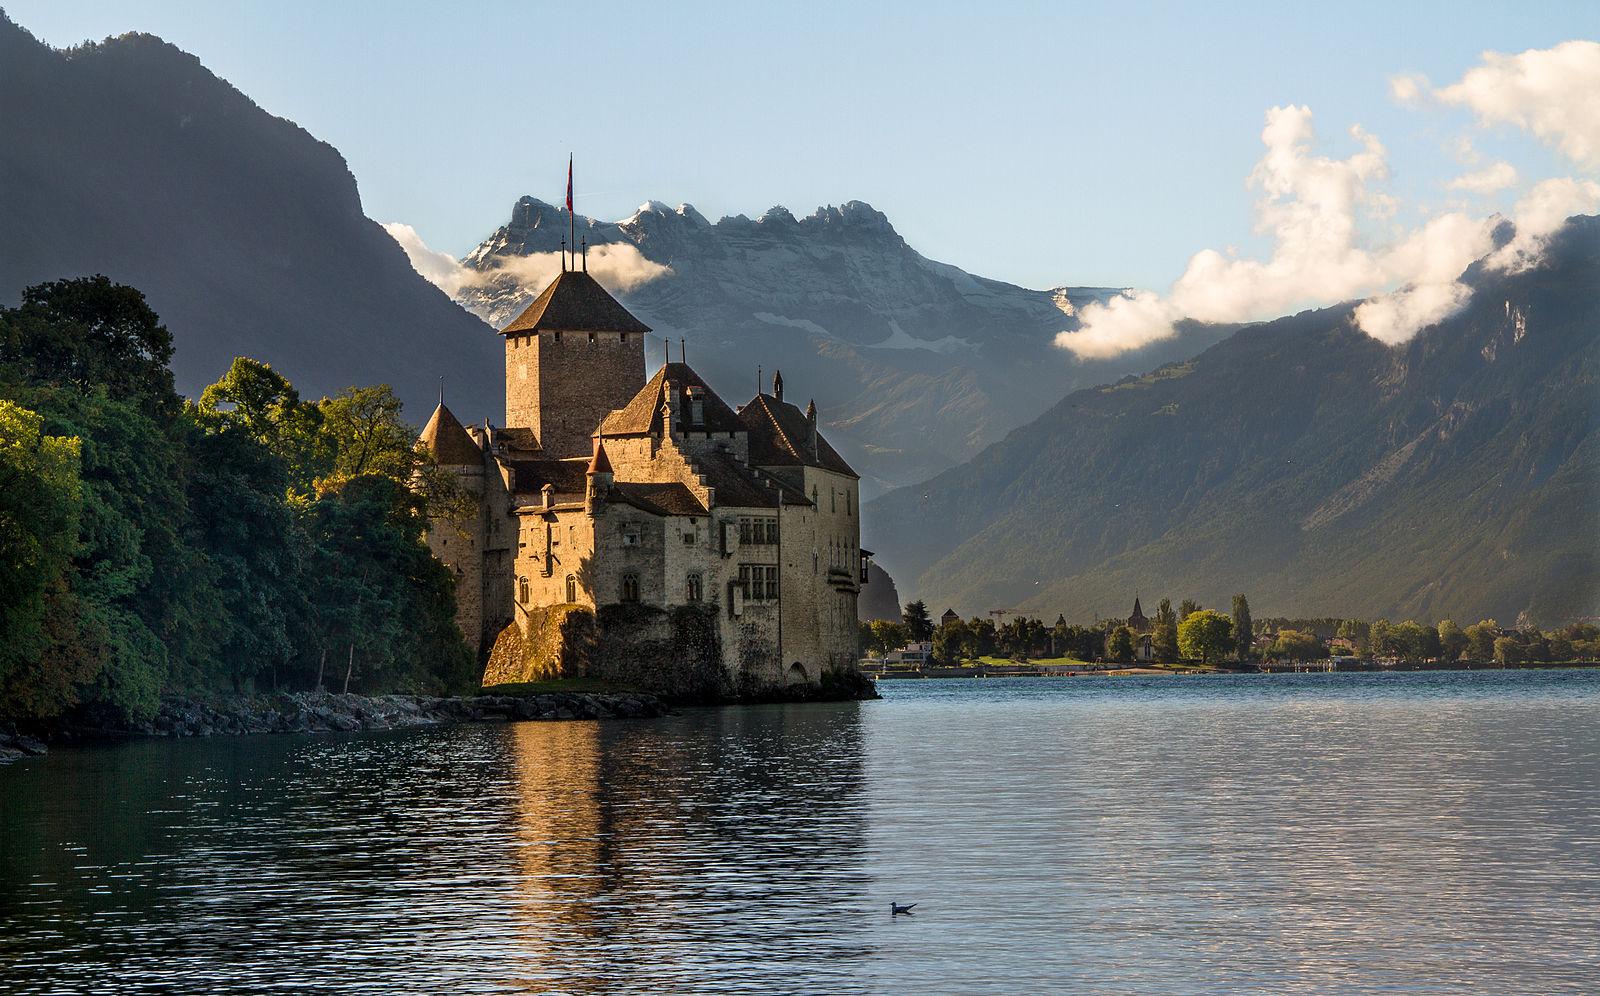 レマン湖に浮かぶ幻想的な美しさ。スイス一番人気の名城「シヨン城」